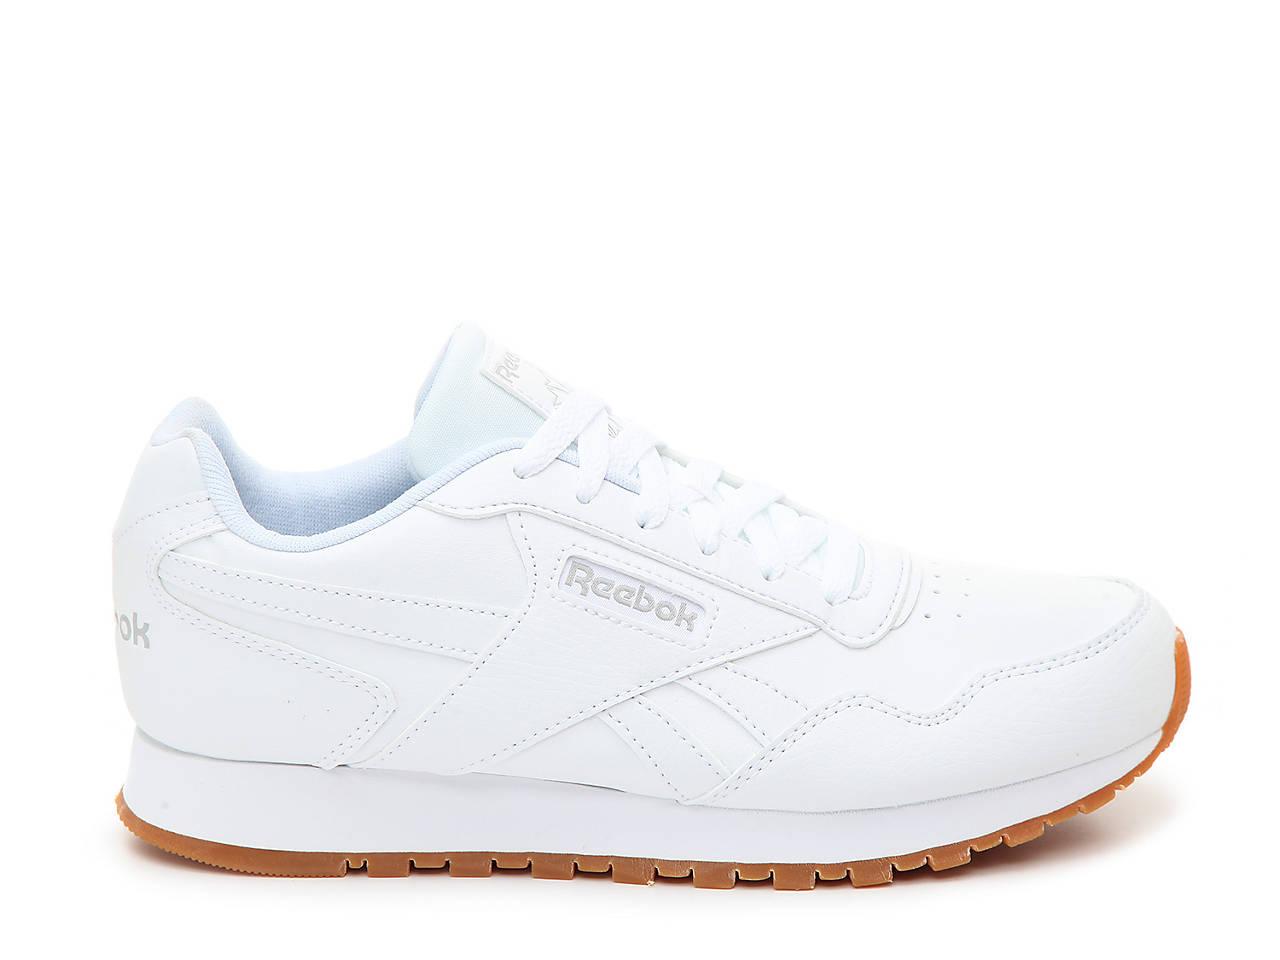 22441178a5688 Reebok Classic Harman Run Sneaker - Women s Women s Shoes